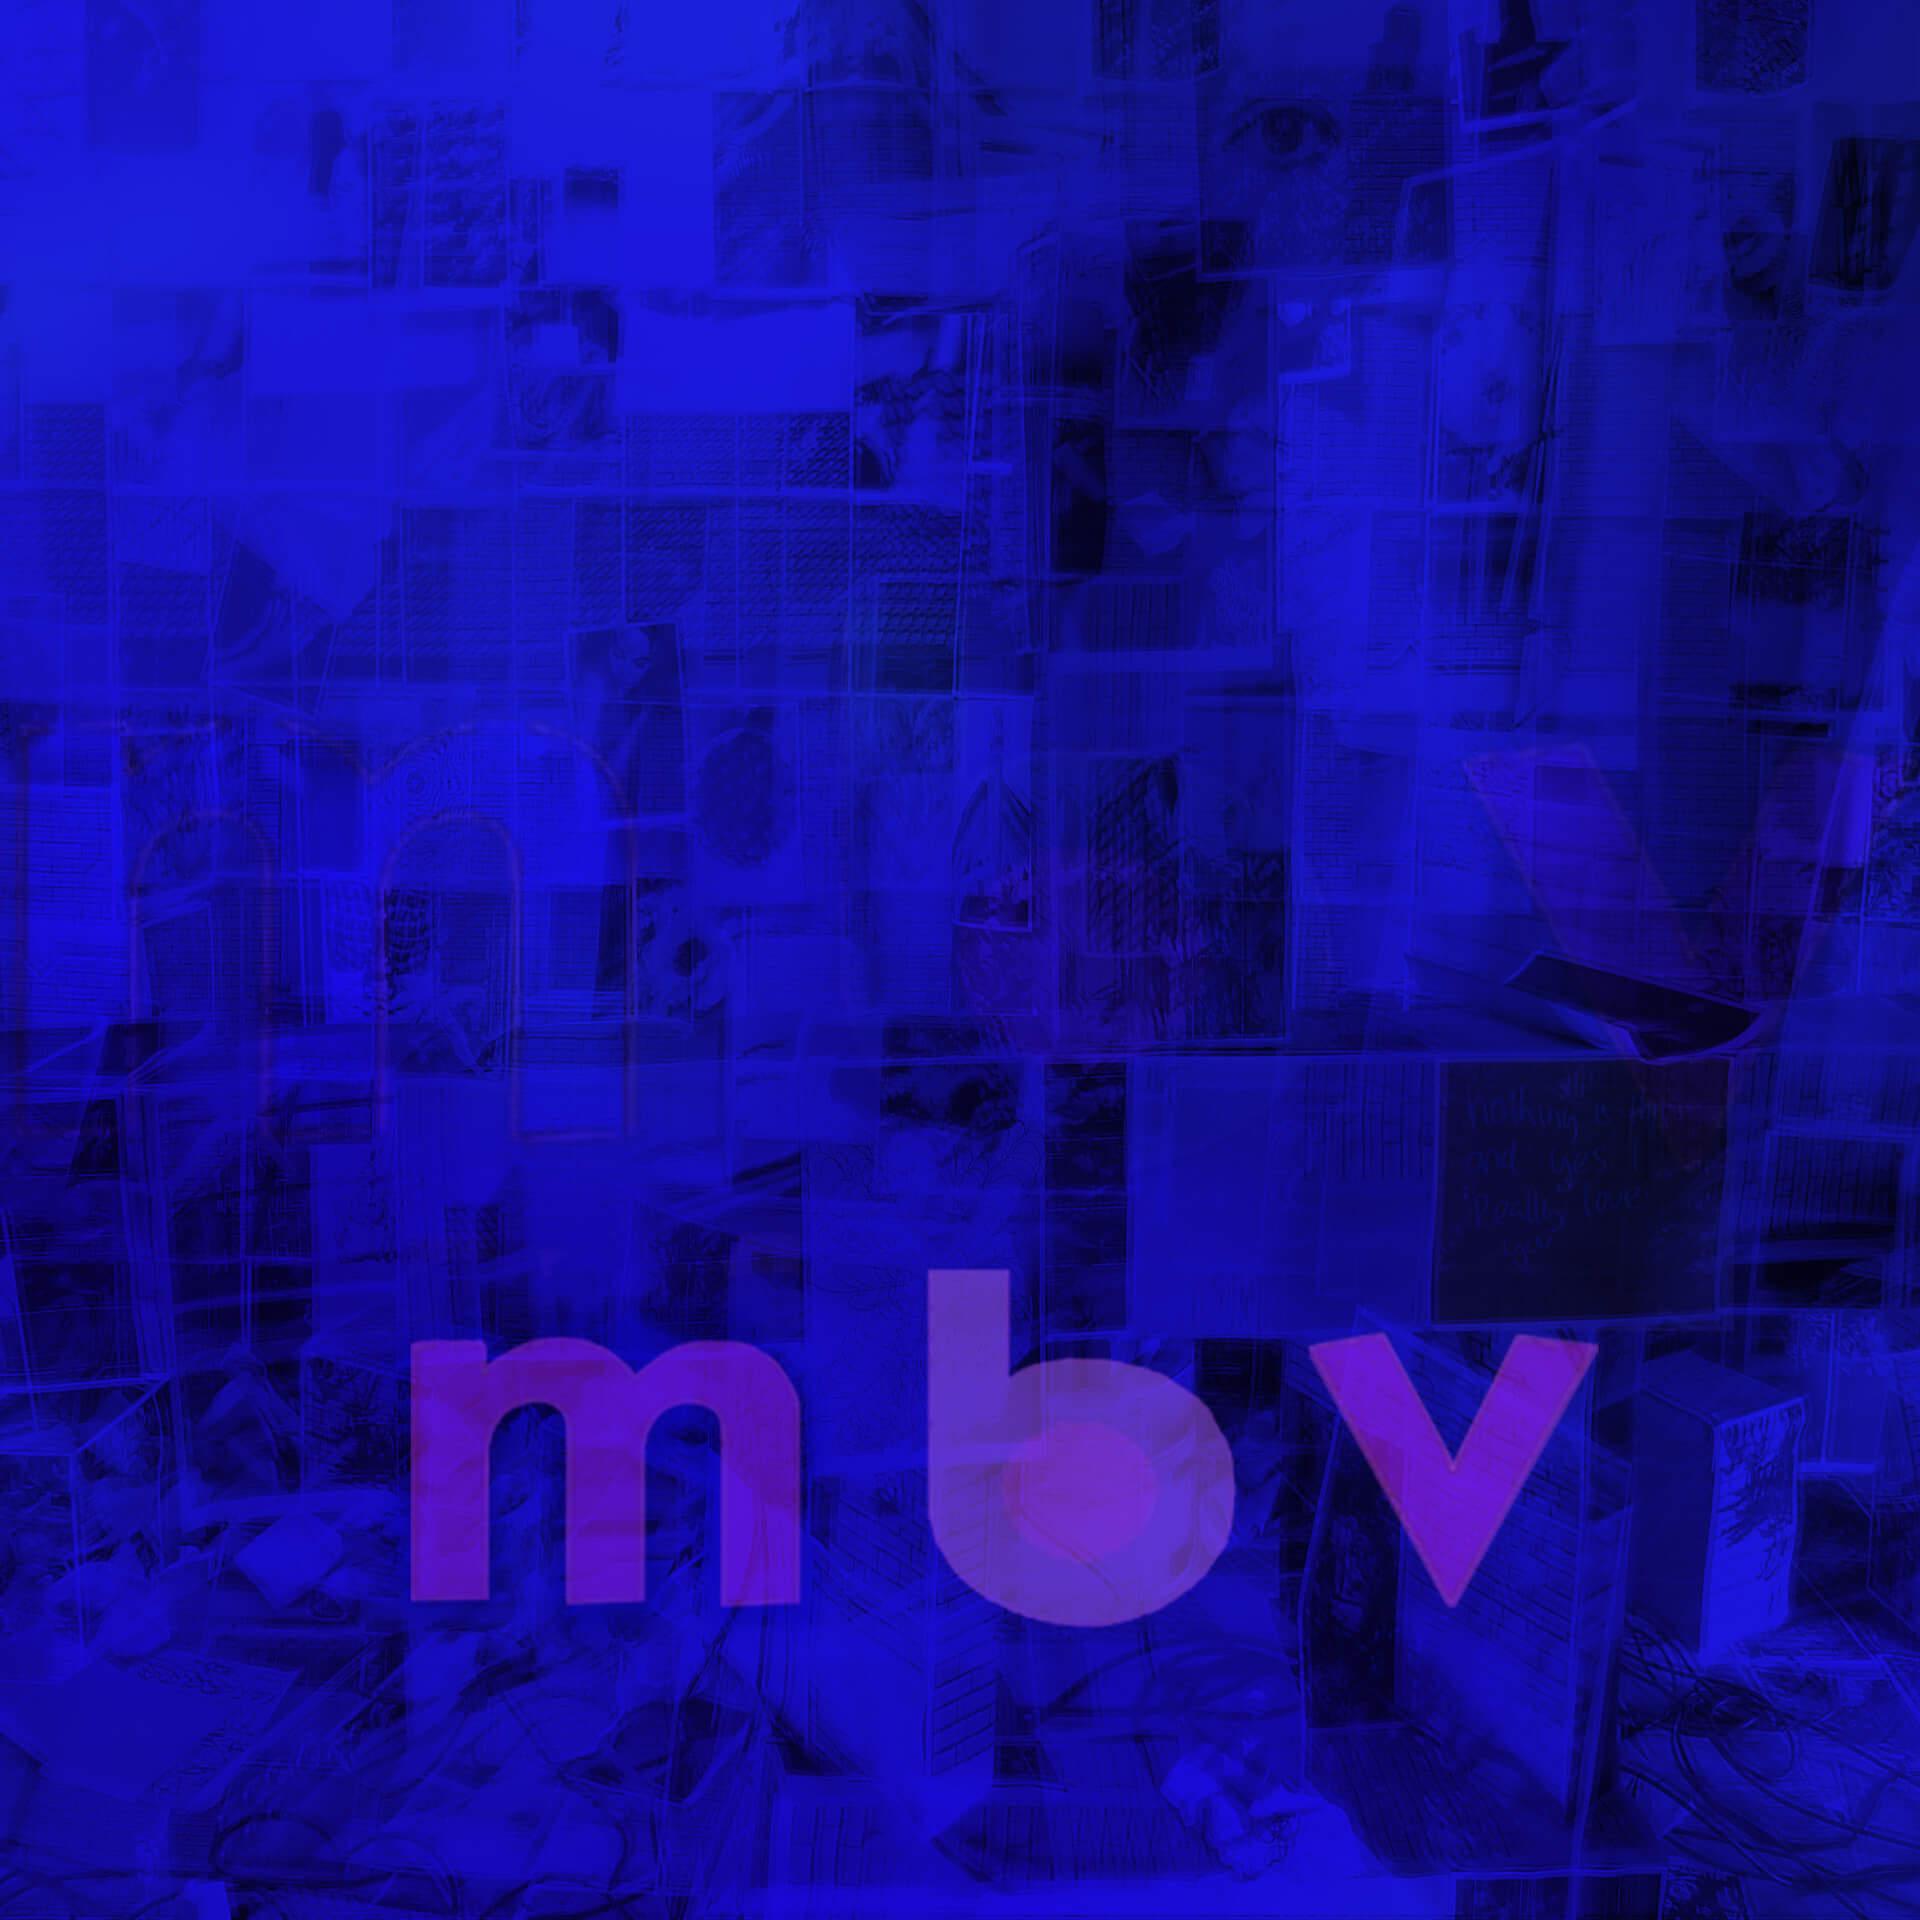 My Bloody Valentine新装盤CDとLPがいよいよ今週発売!レコードショップ別の各種特典が解禁 music210517_mybloodyvalentine-210517_20